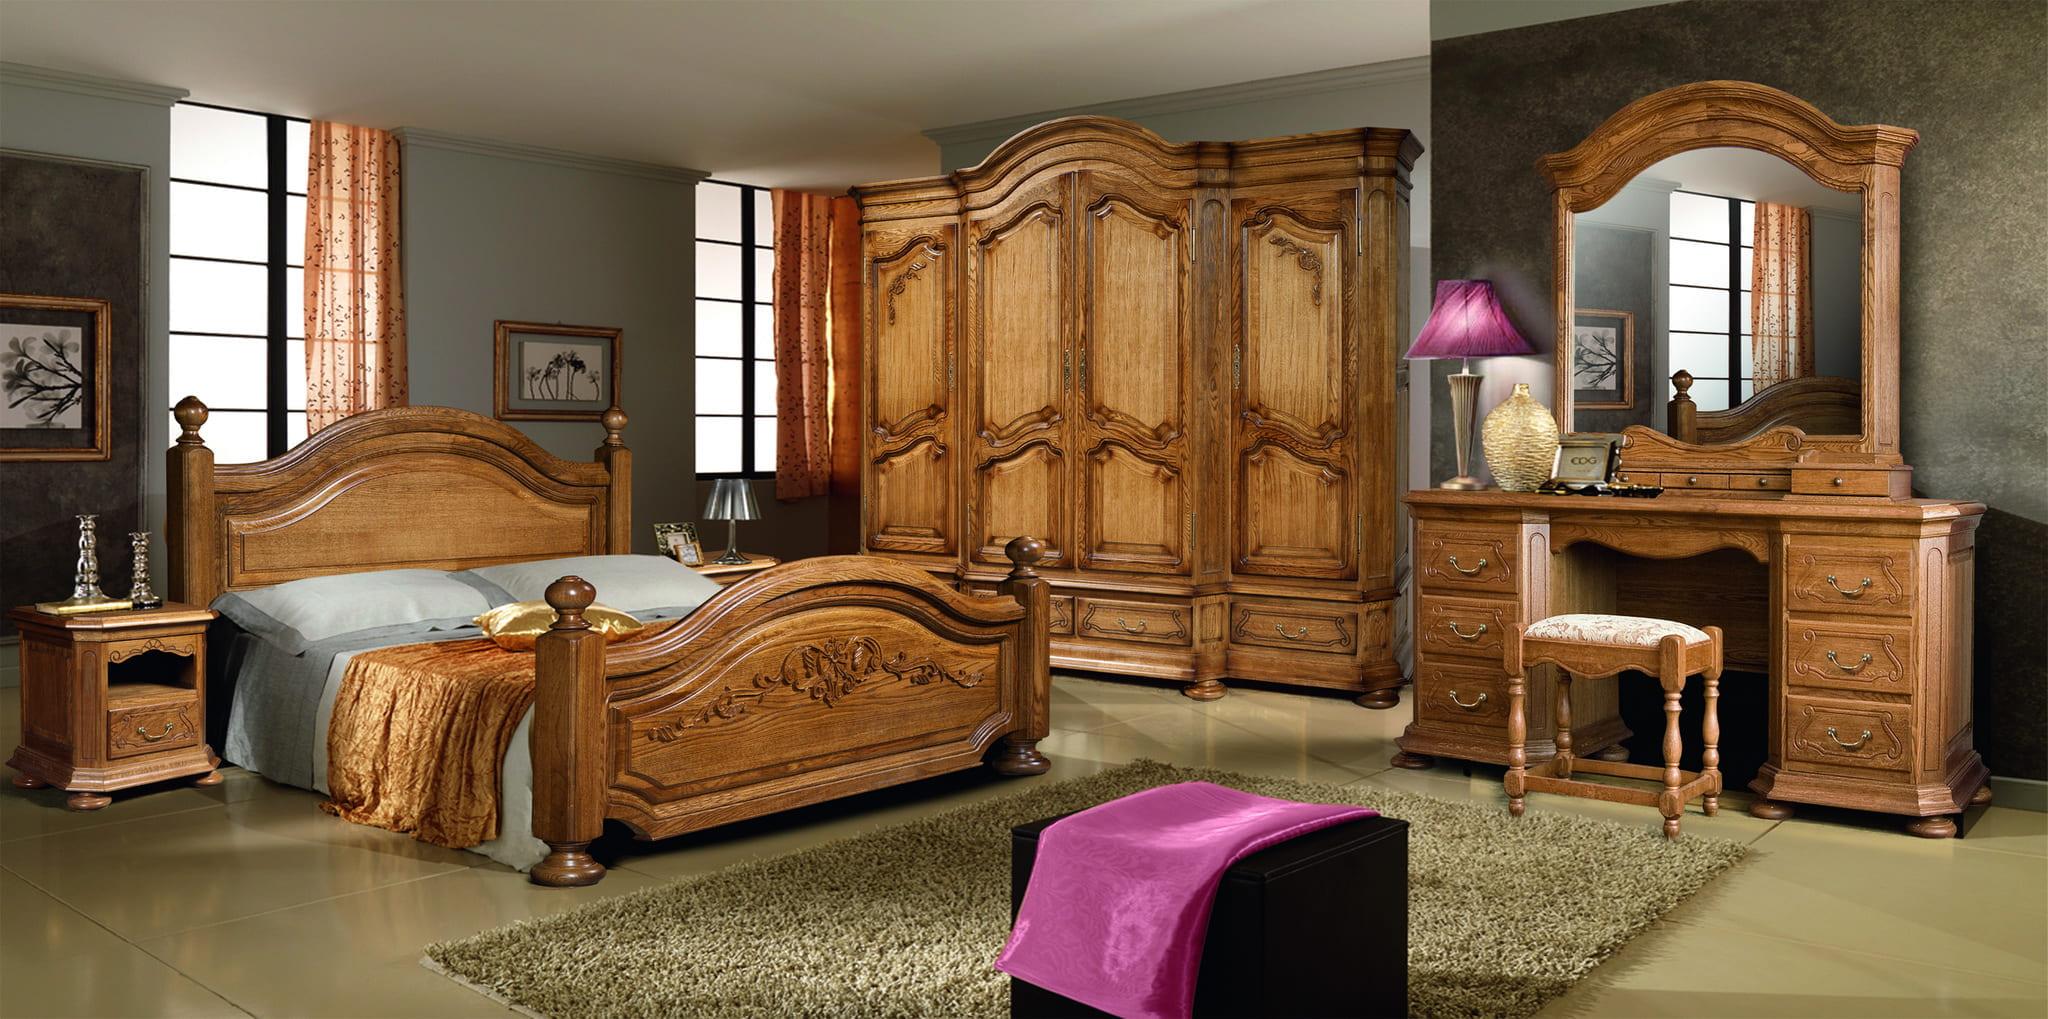 Набор мебели для спальни «Босфор-Люкс 1» ГМ 6200-51